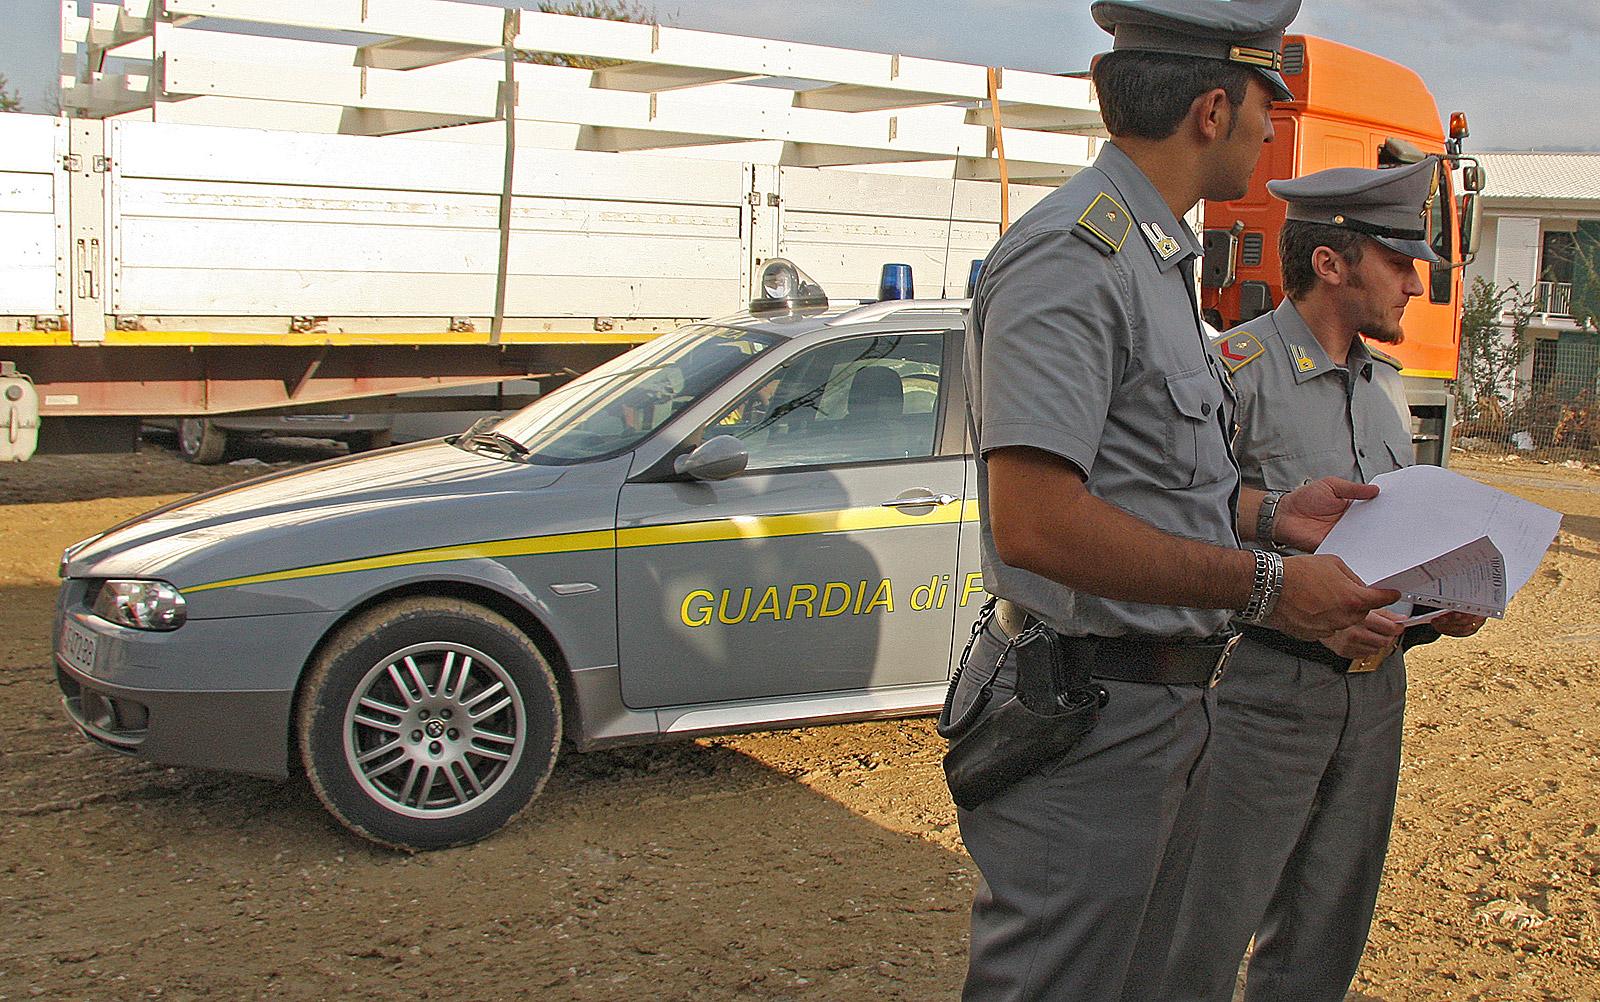 Guardia di Finanza, maxi-bliz contro gli evasori in  tutta Italia. Sequestrati beni per oltre cento milioni di euro e indagate 62 persone